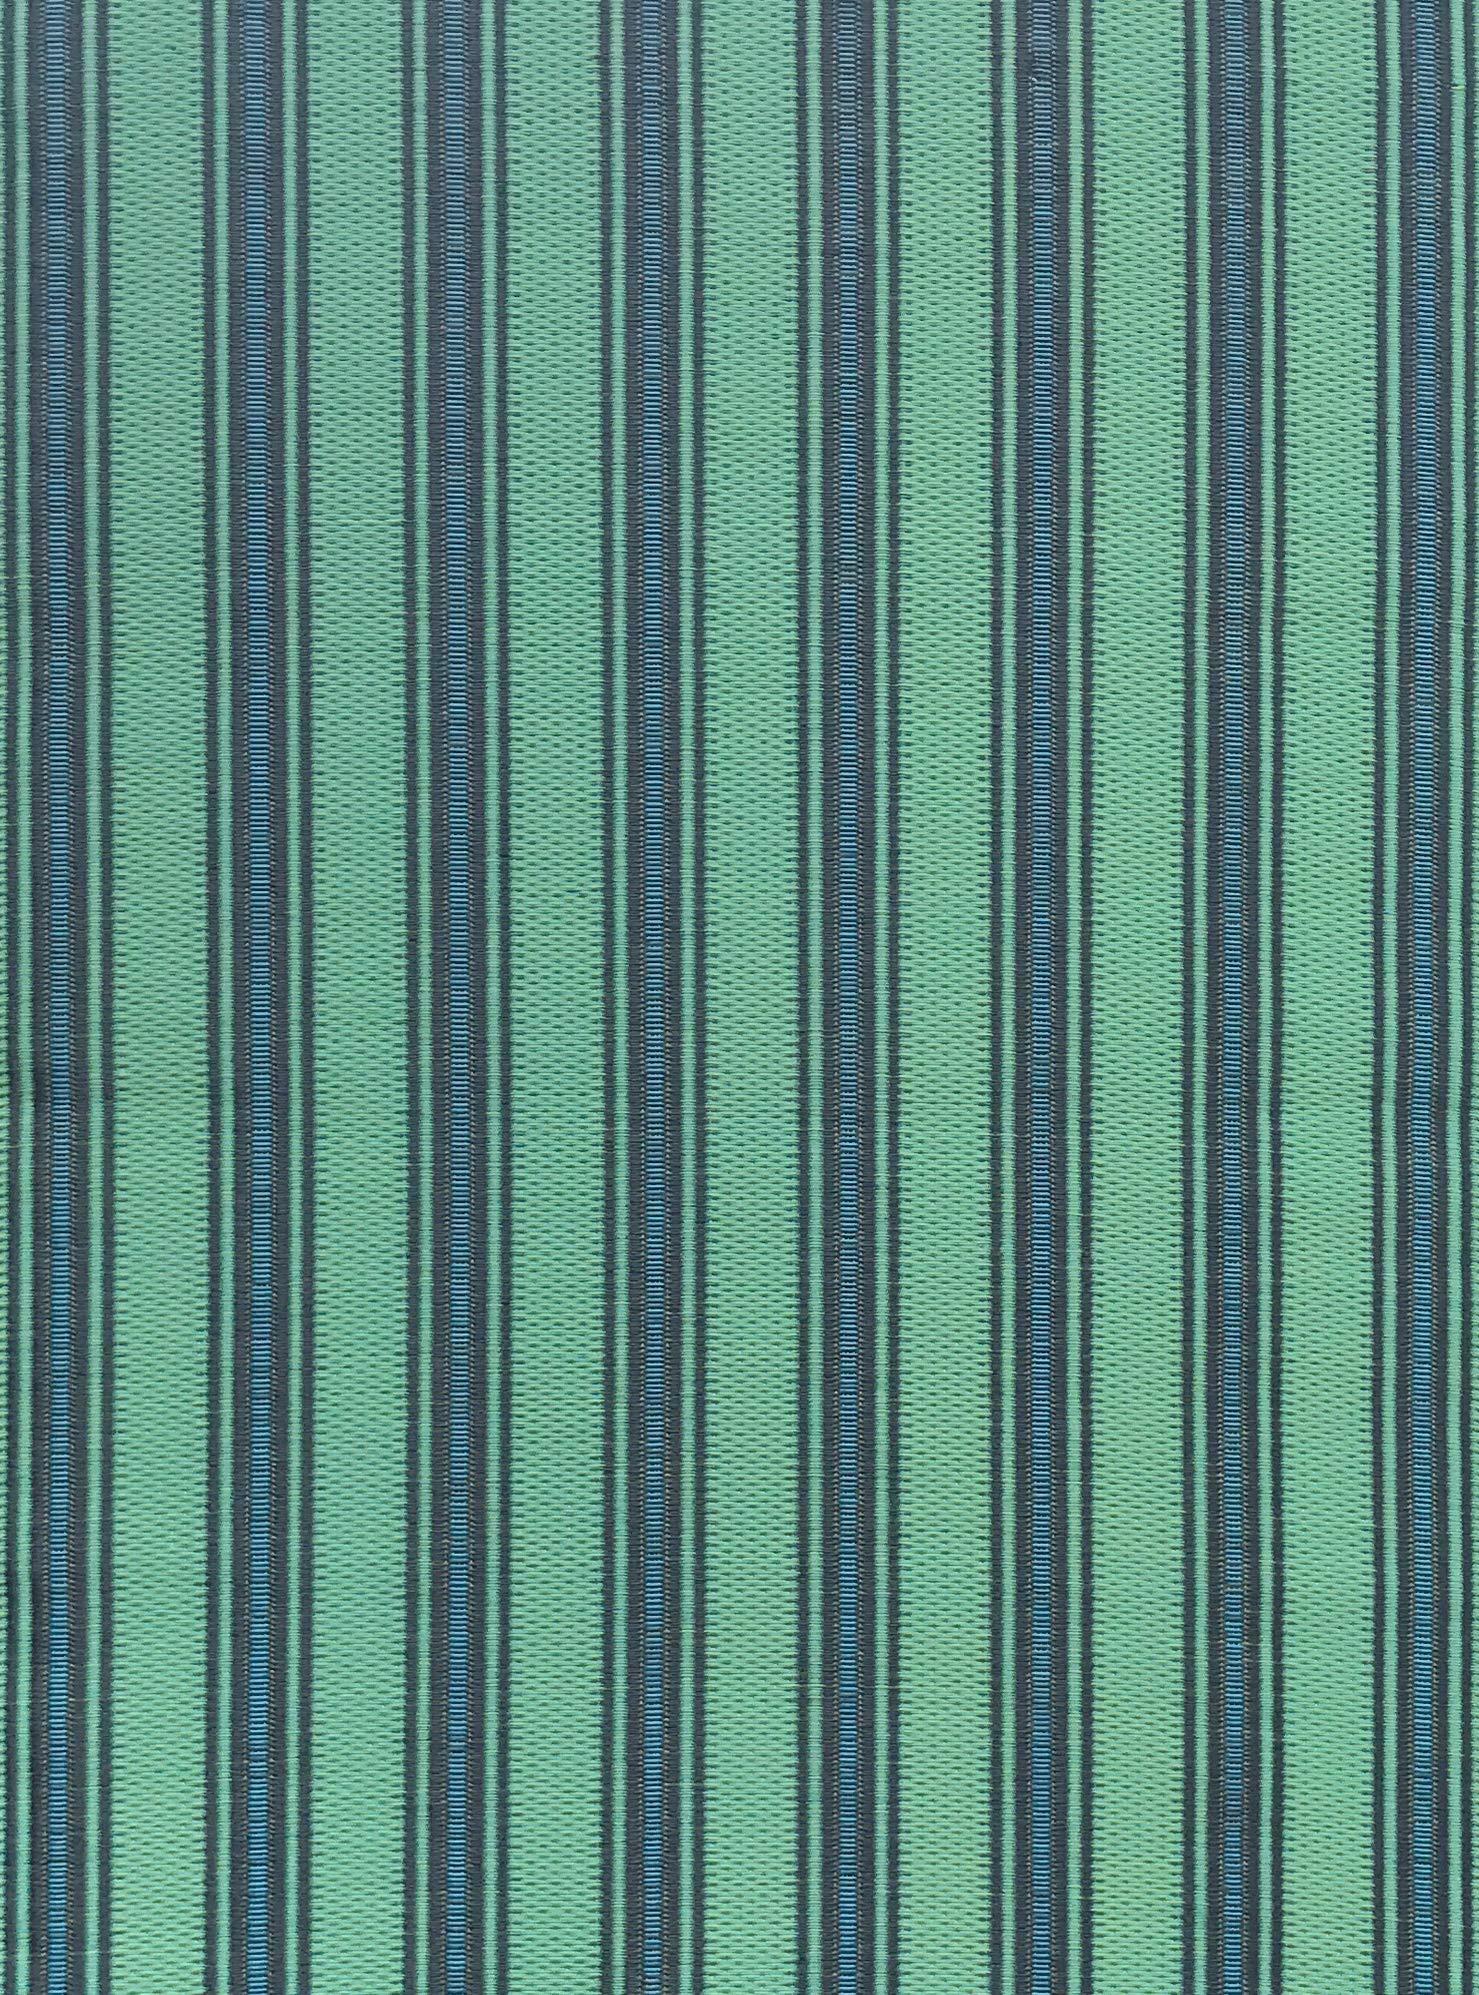 Mad Mats® Indoor/Outdoor Floor Mat, 2.5' X 8' Vertical Stripe - Black Aqua